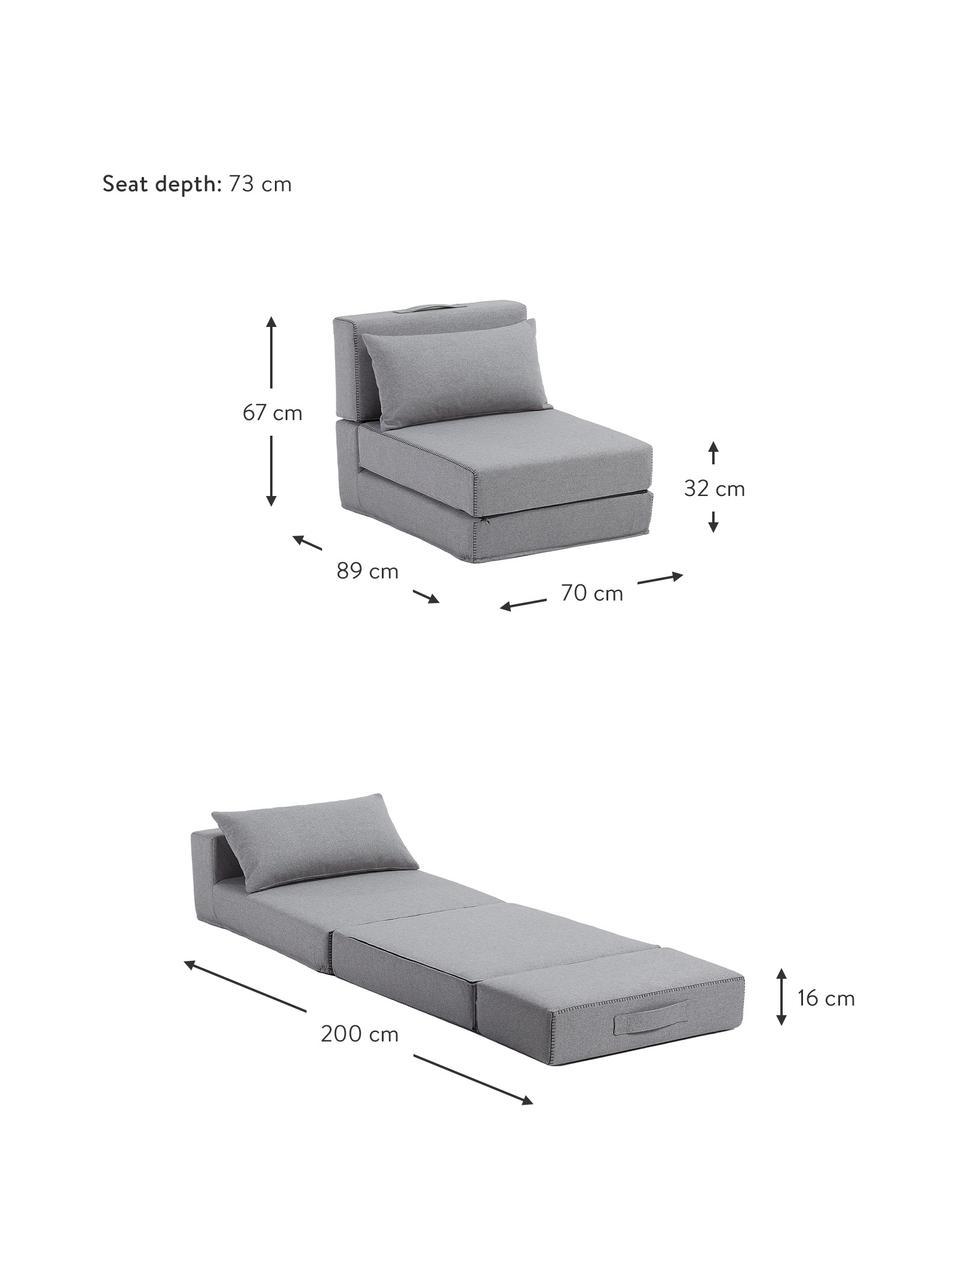 Schlafsessel Arty in Grau mit Zierkissen, ausklappbar, Bezug: Polyester Der hochwertige, Grau, 70 x 67 cm